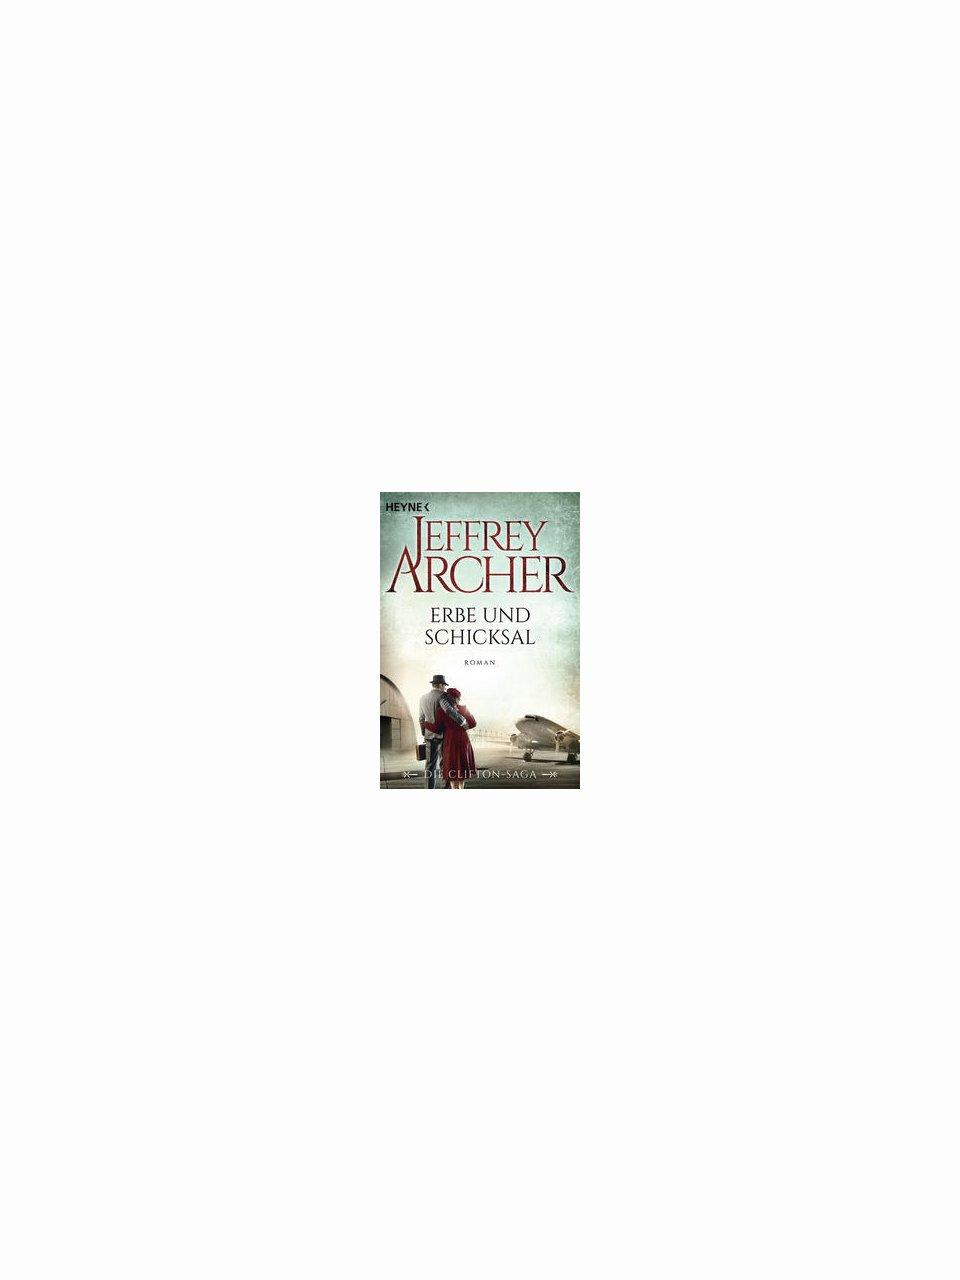 Erbe und Schicksal - Bd 3